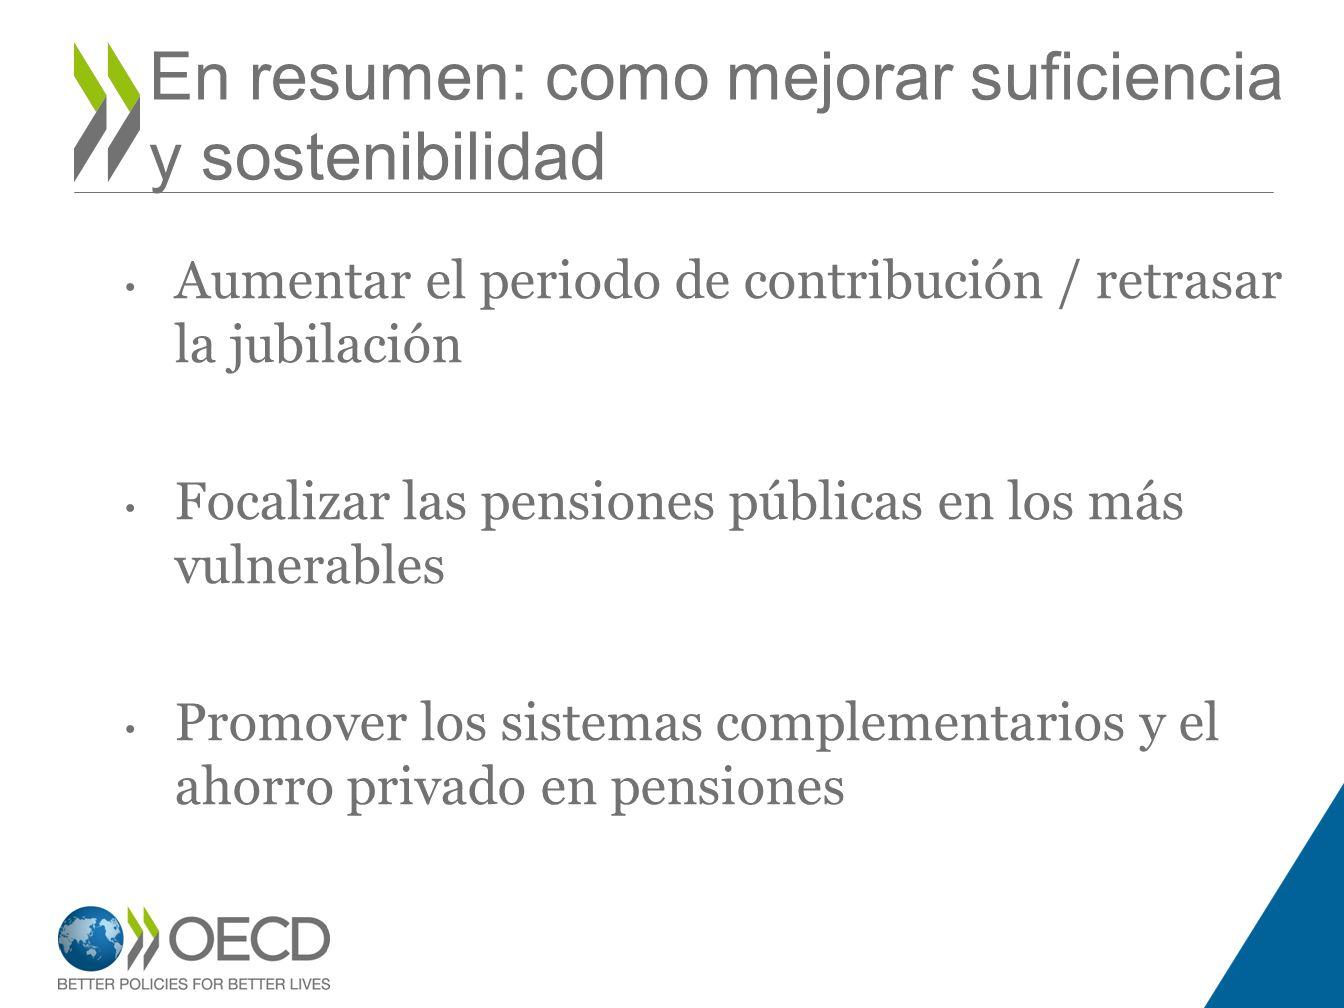 En resumen: como mejorar suficiencia y sostenibilidad Aumentar el periodo de contribución / retrasar la jubilación Focalizar las pensiones públicas en